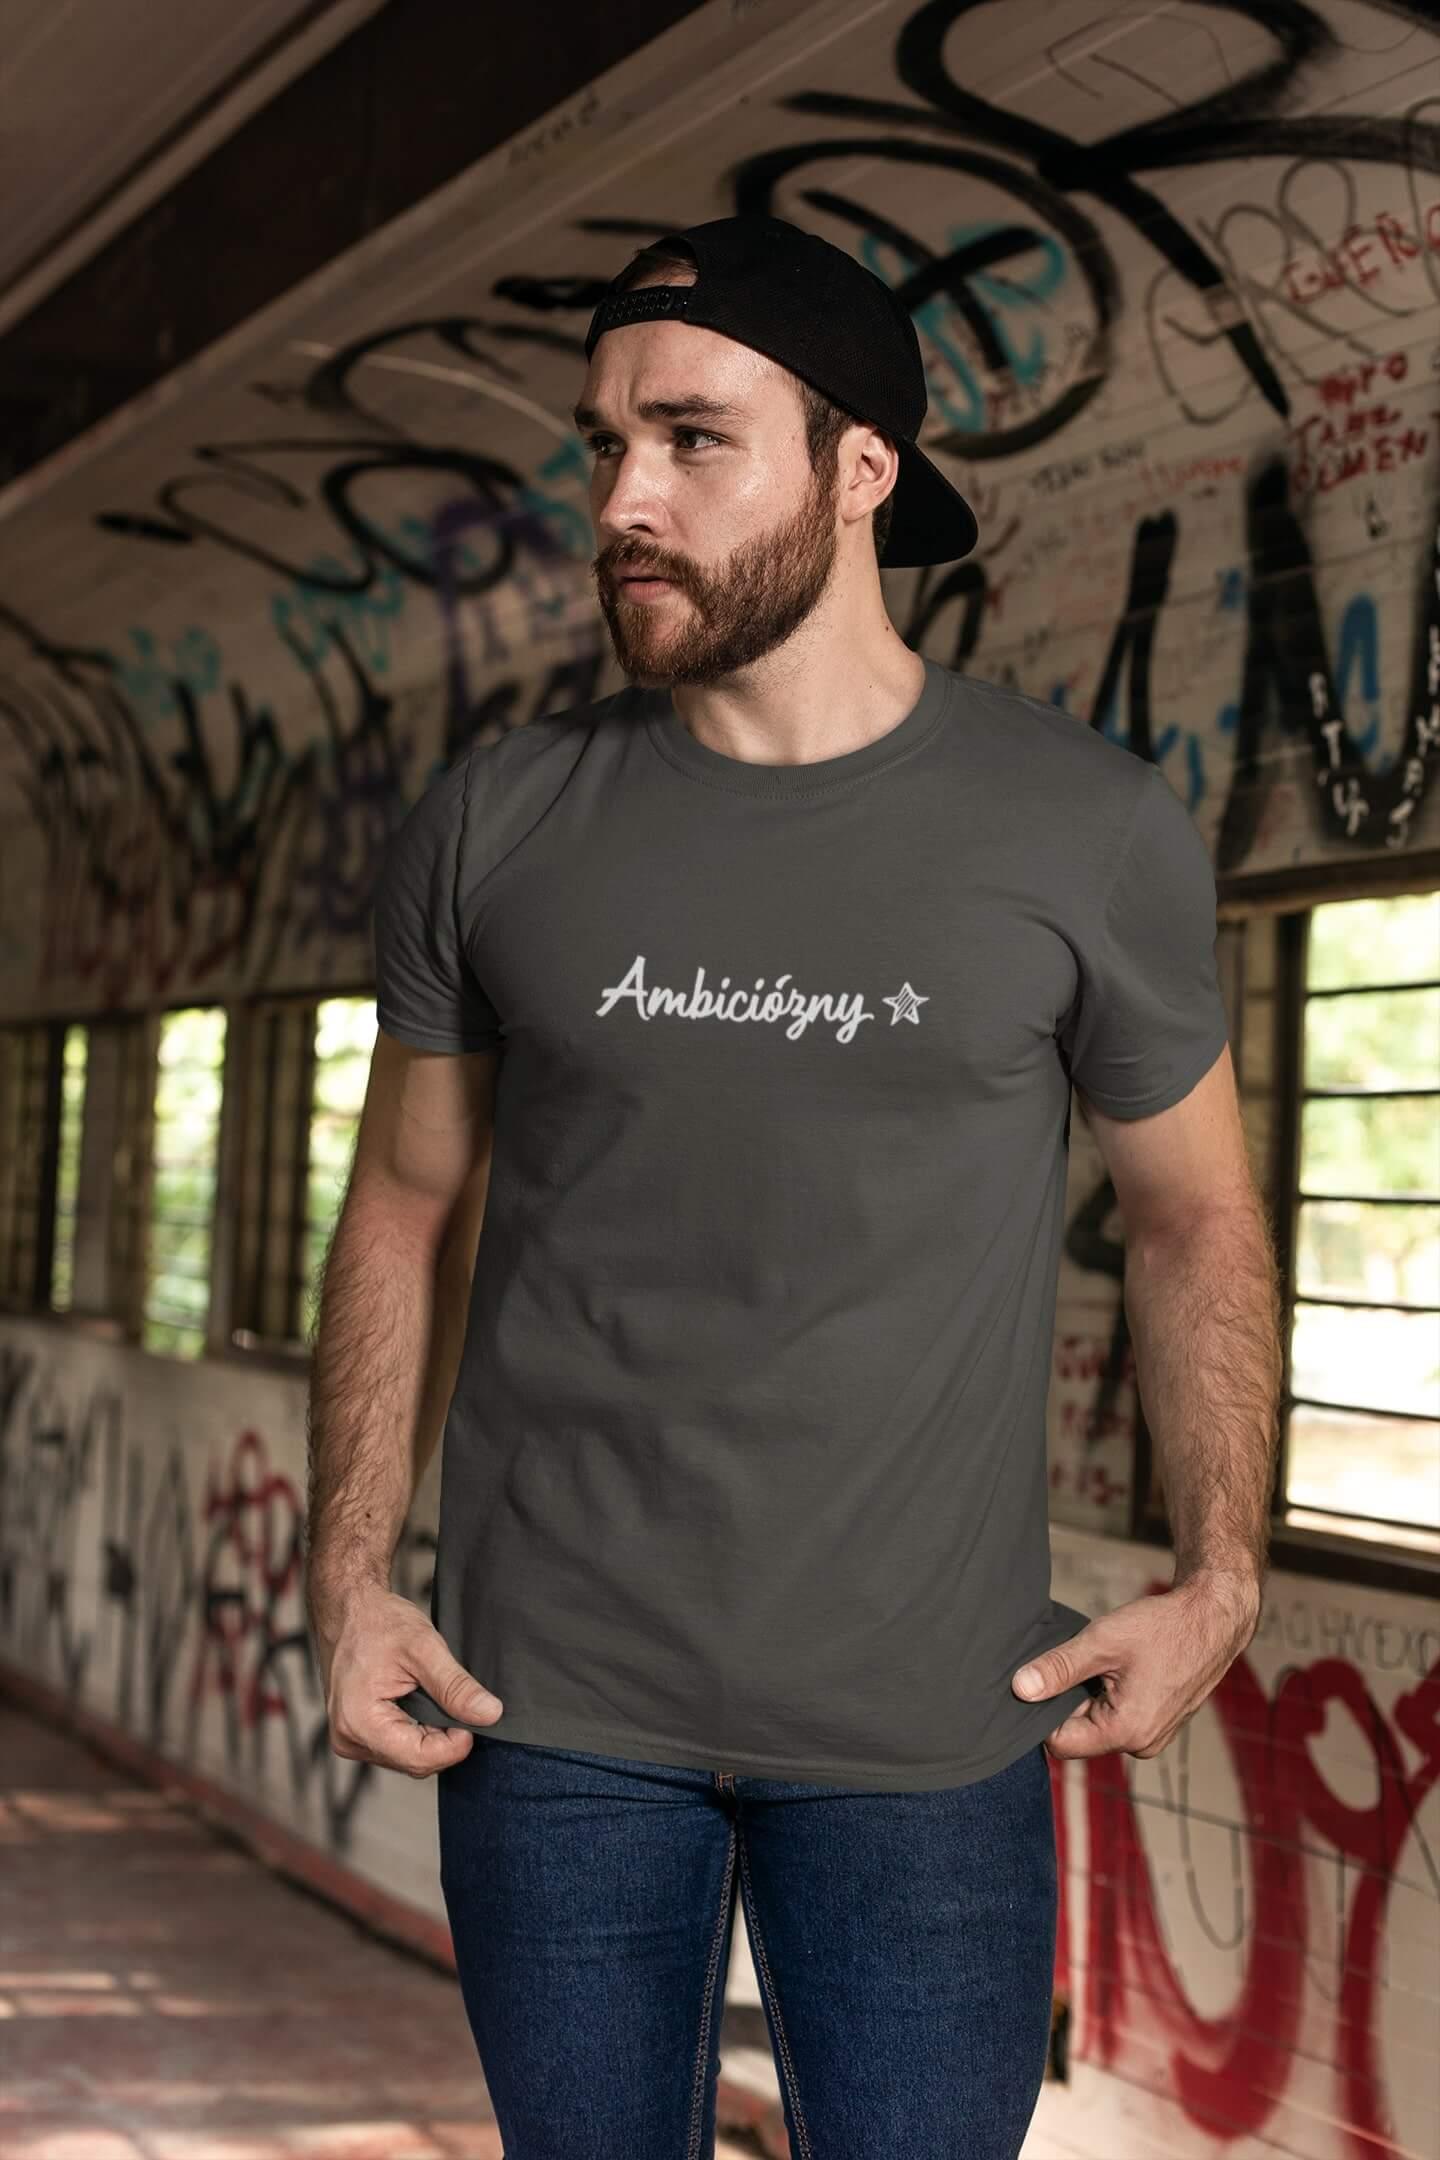 MMO Pánske tričko Ambiciózny Vyberte farbu: Tmavá bridlica, Vyberte veľkosť: L